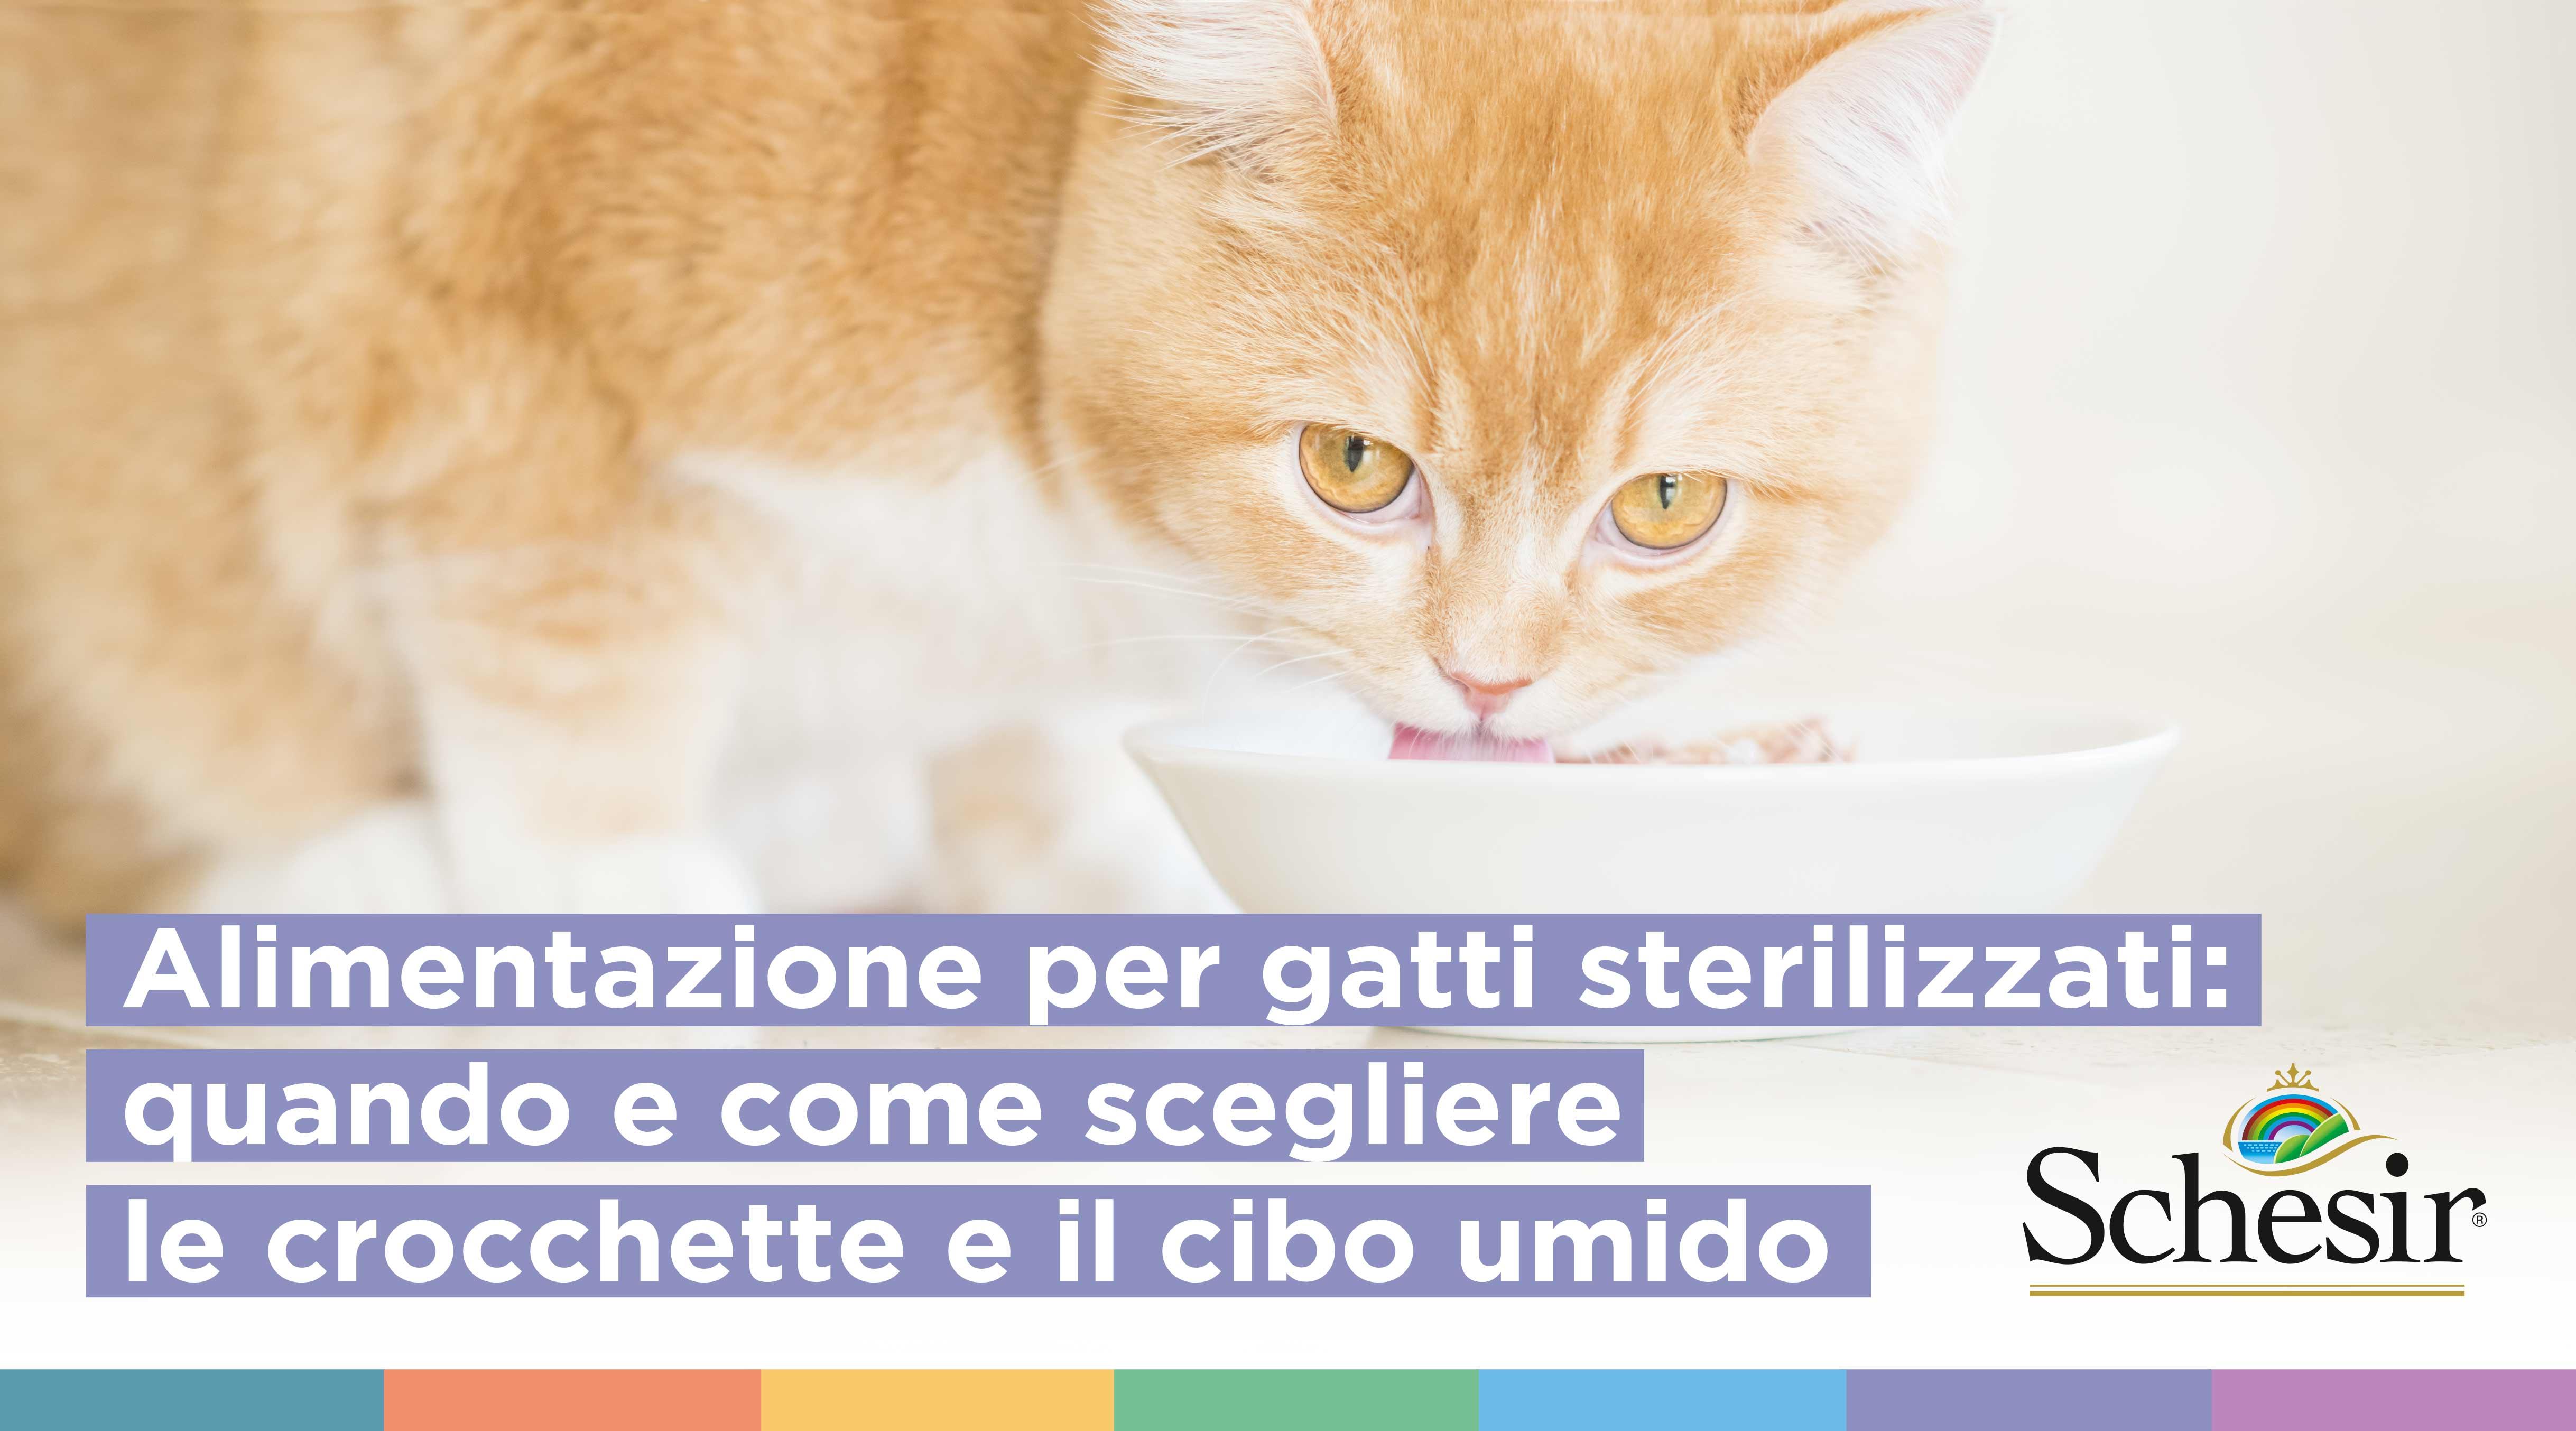 Alimentazione per gatti sterilizzati: quando e come scegliere le crocchette e il cibo umido, Schesir